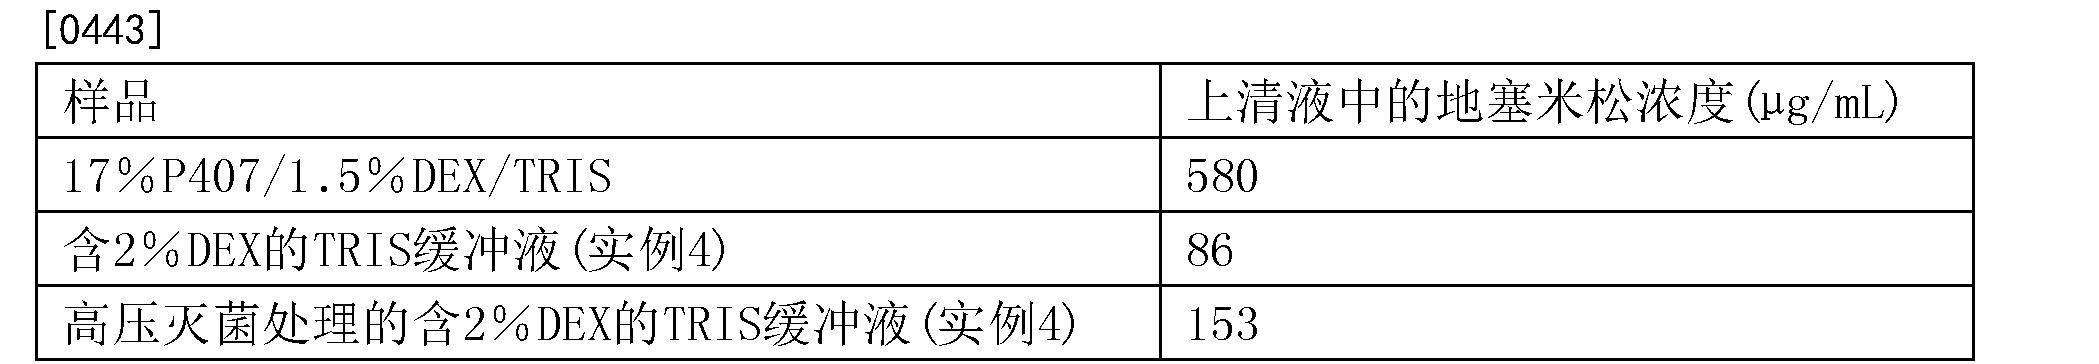 Figure CN103417472BD00581